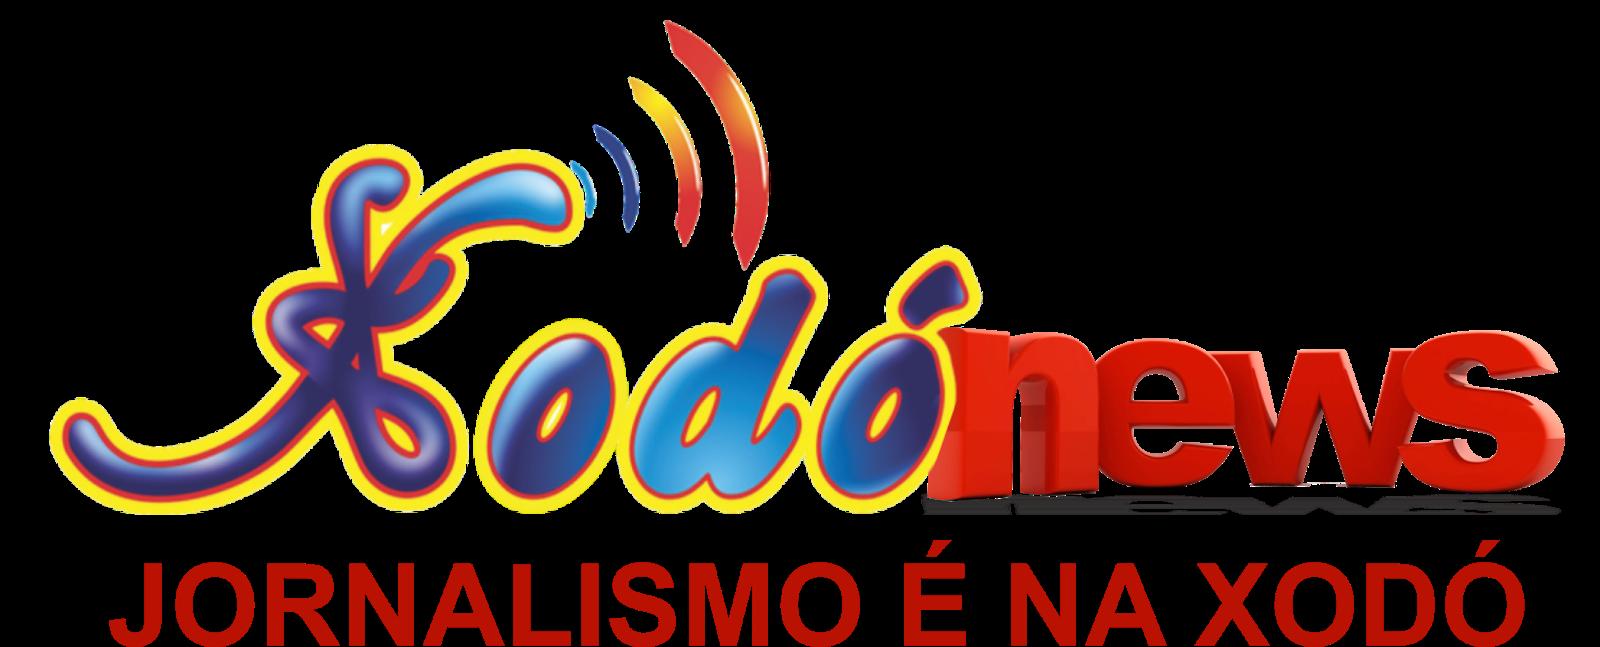 Xodó News